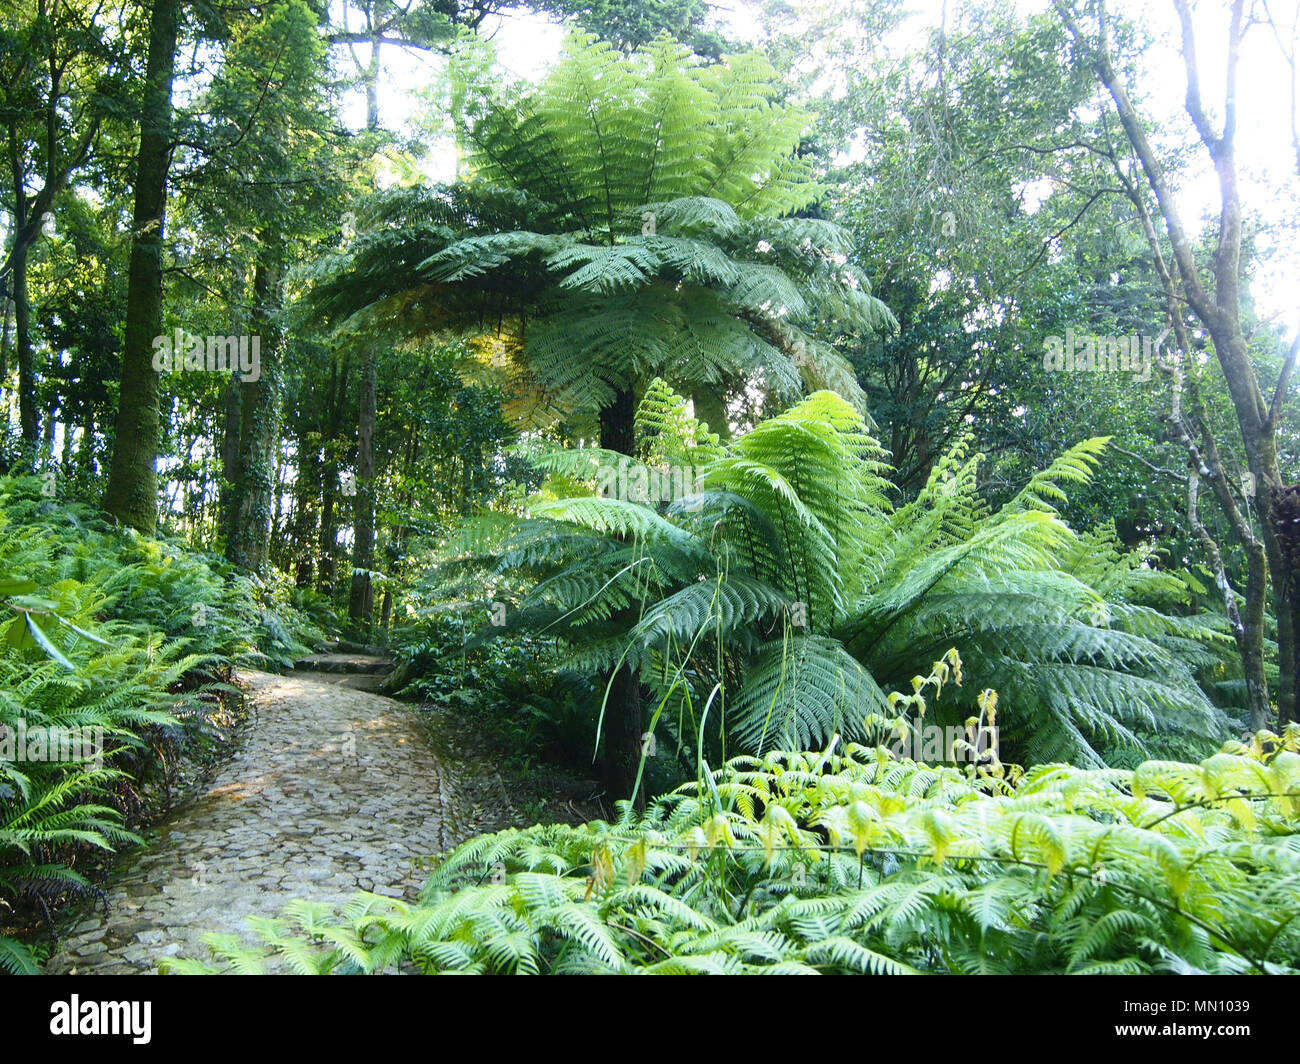 felci arborescenti e altre piante tropicali nel parque da